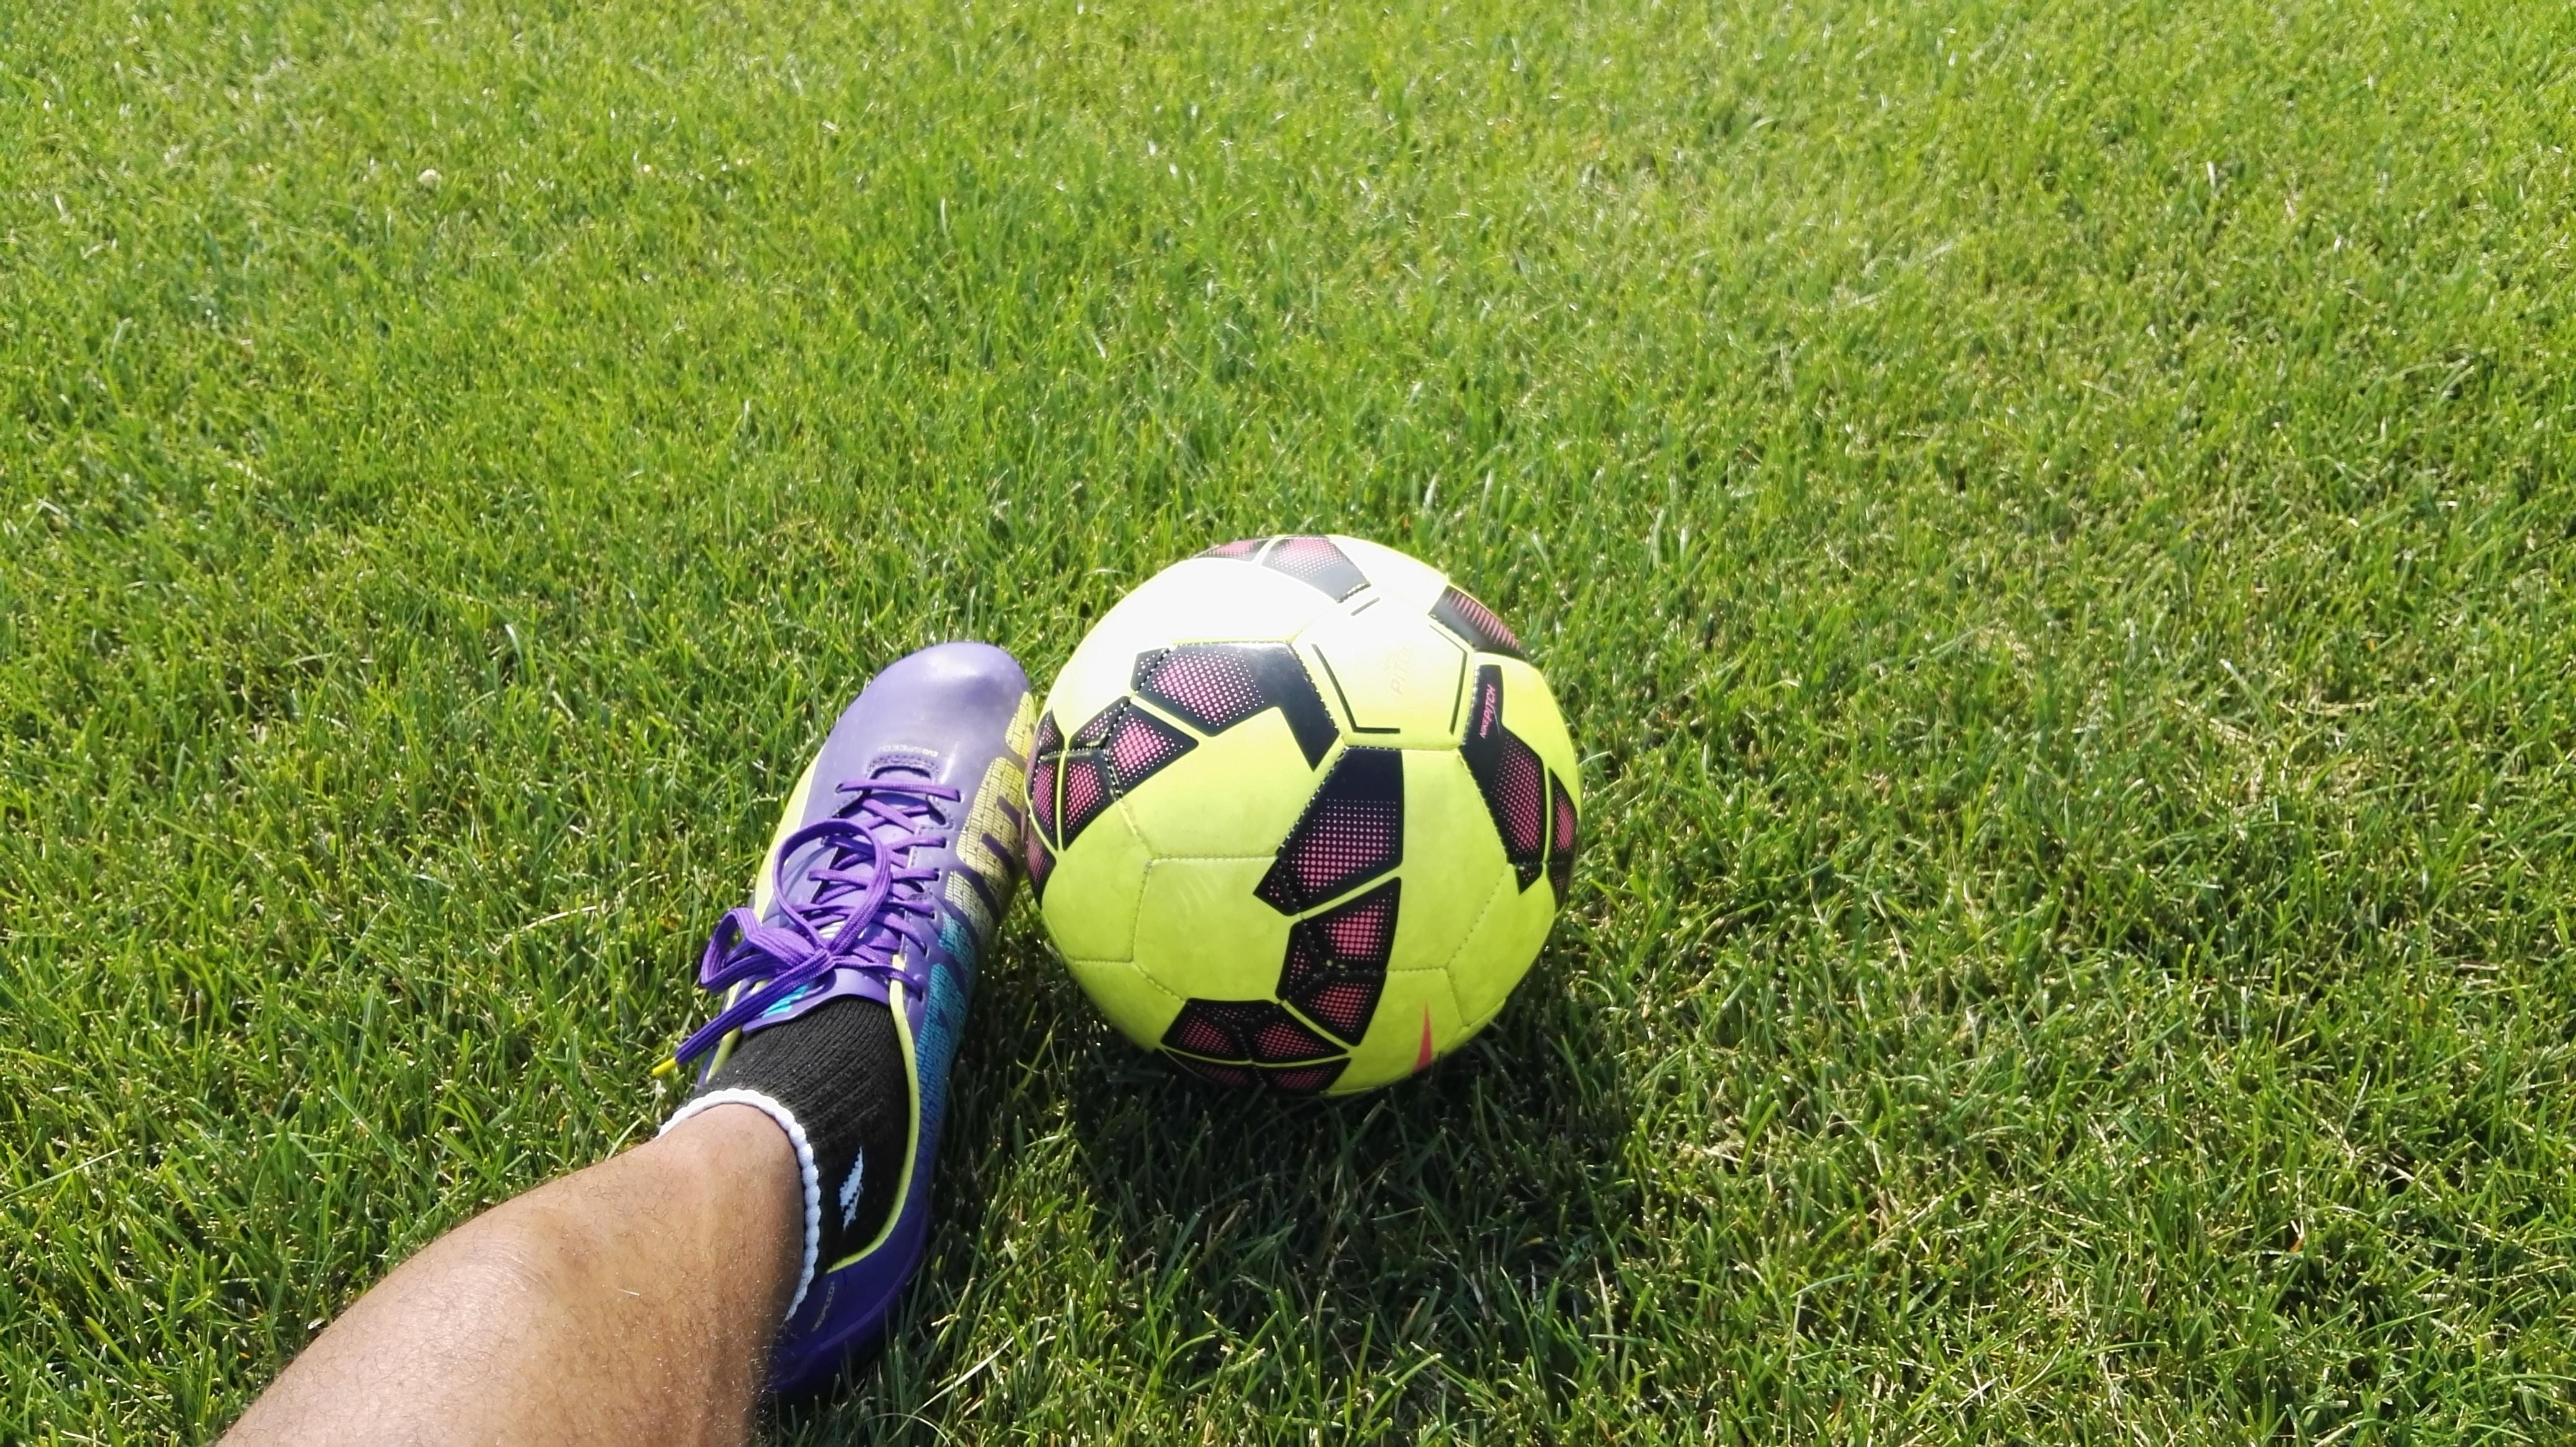 Ghete fotbal profesionale